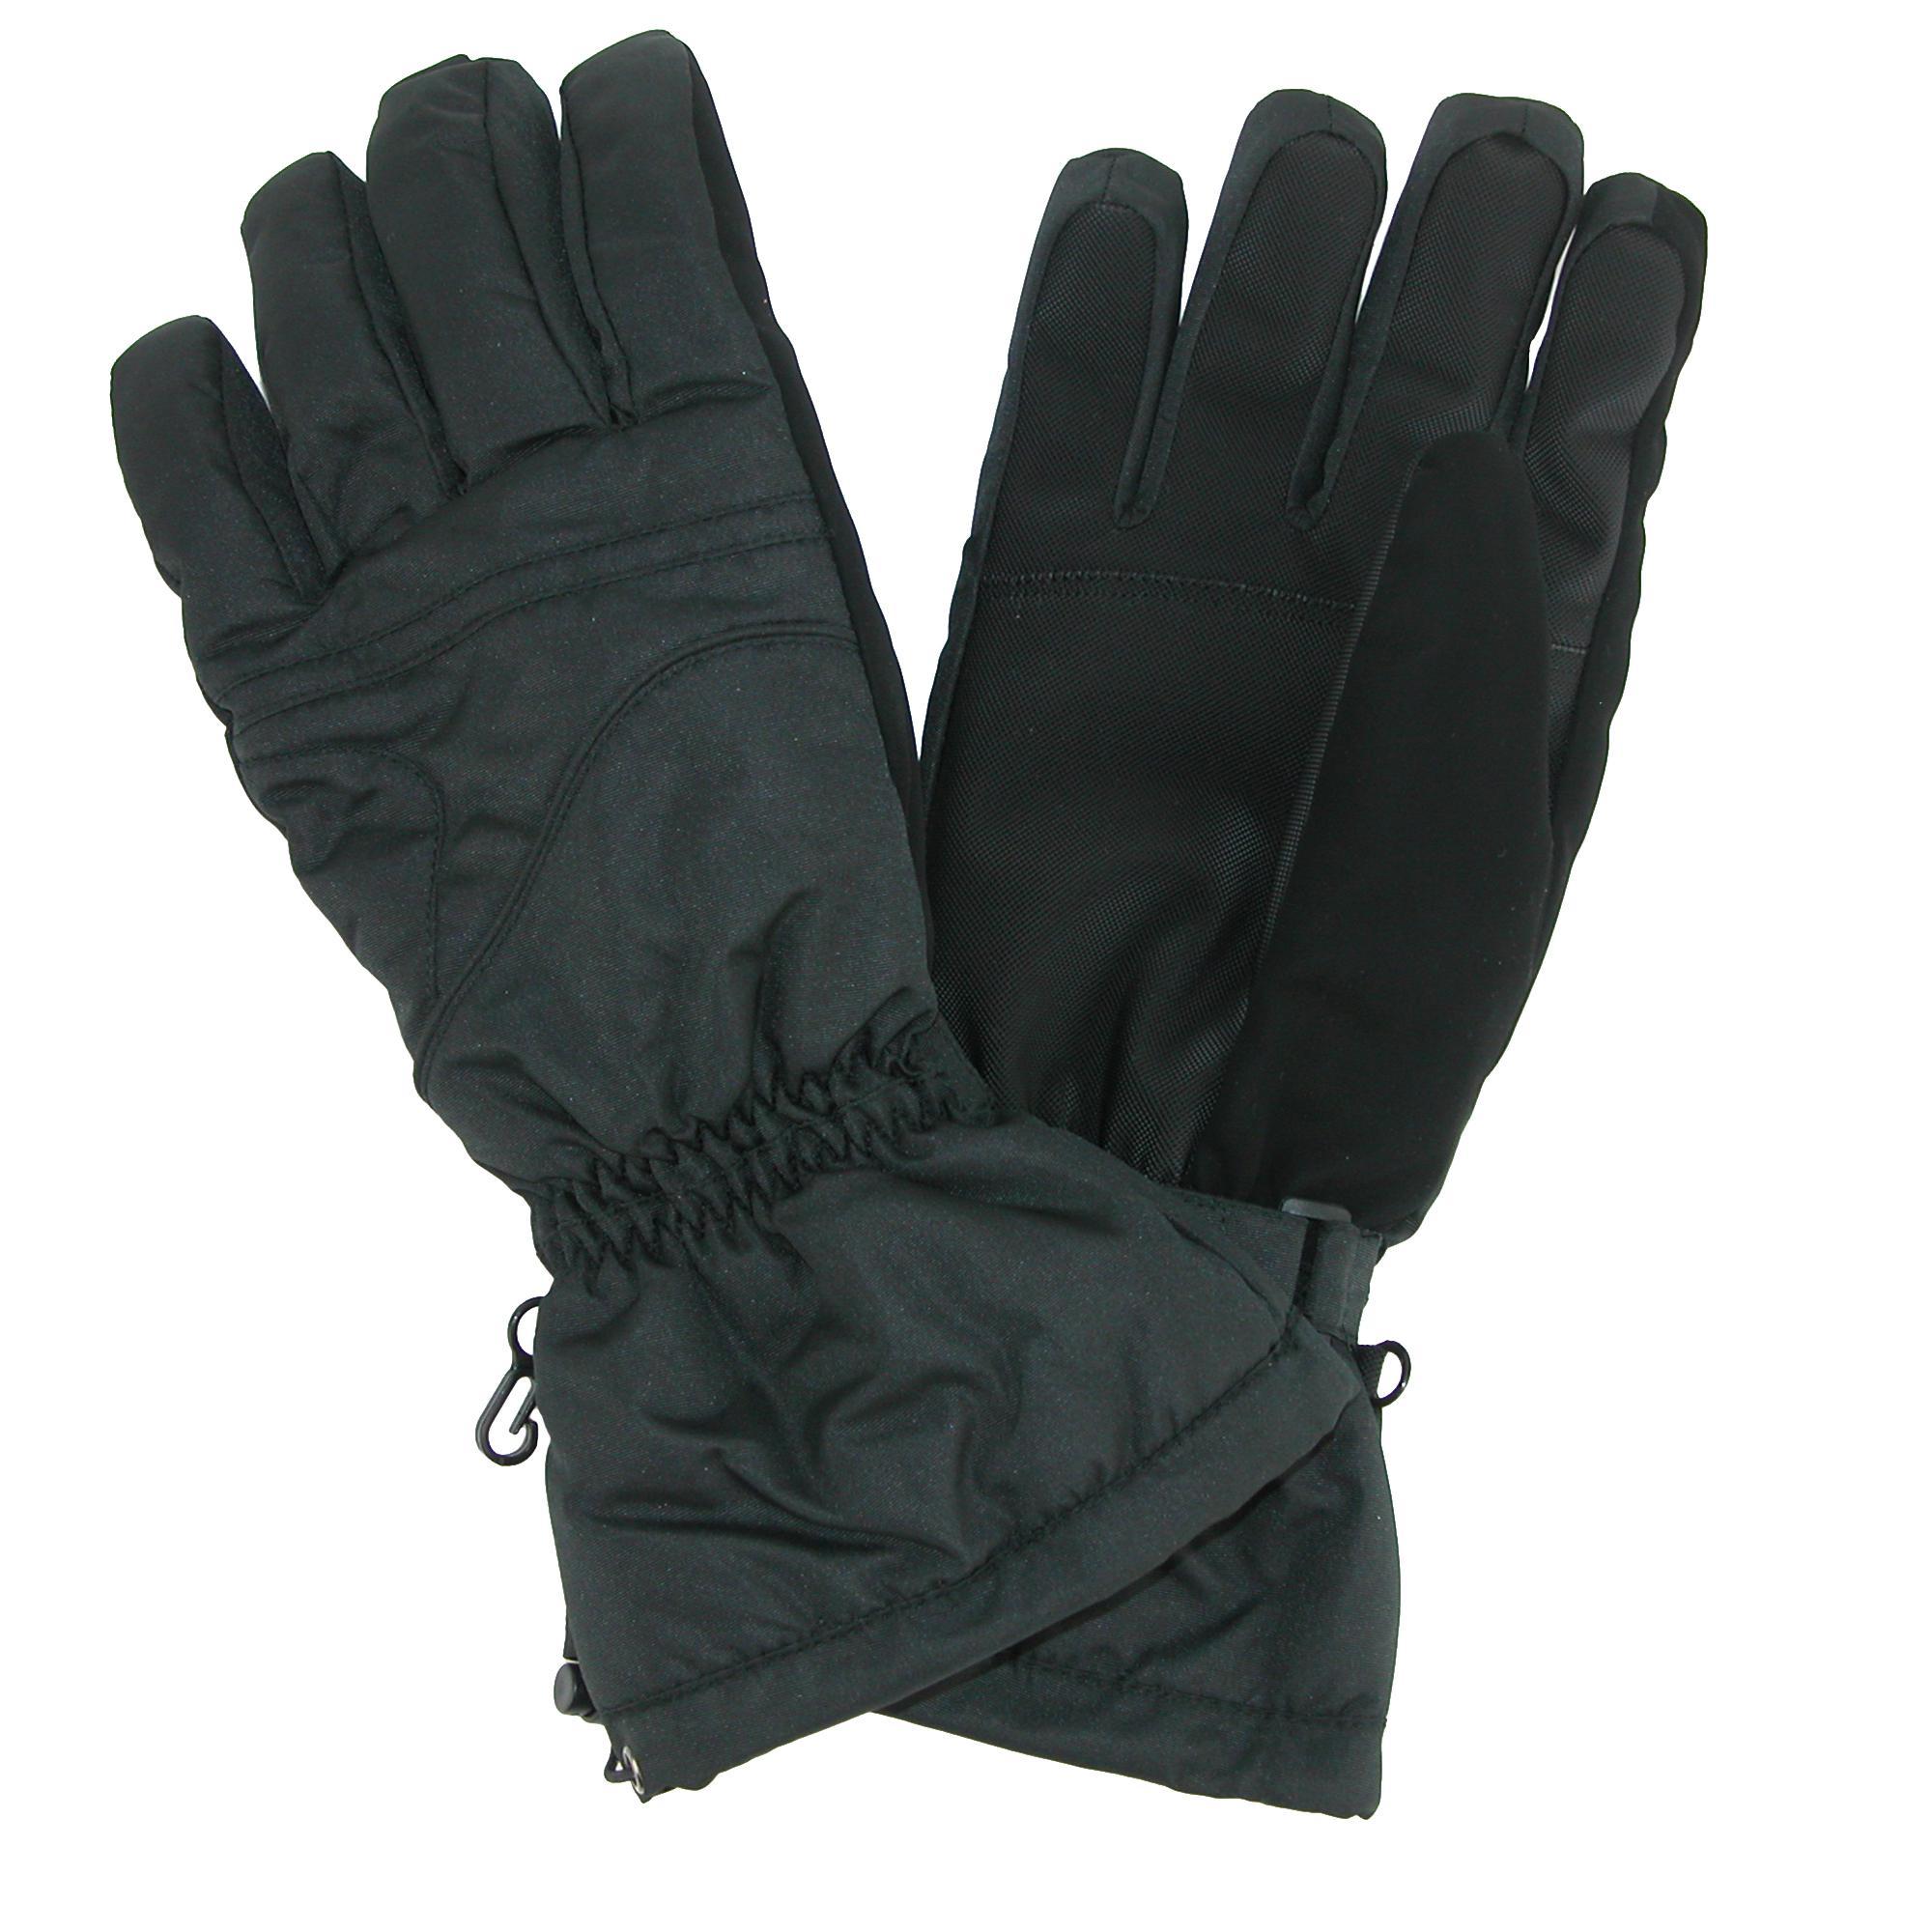 CTM Men's Long Cuff Ski Glove